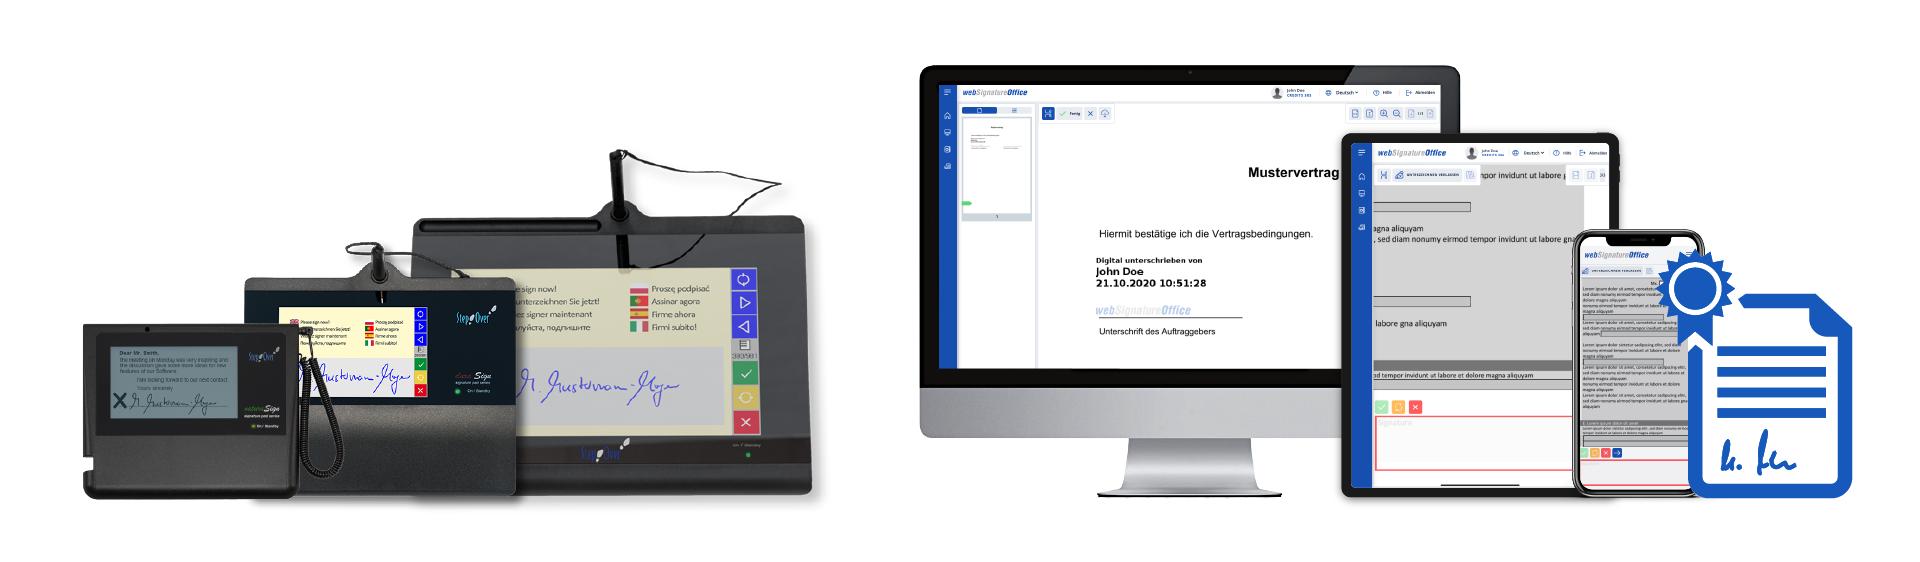 Avaliação eSignatureOffice: Assinar documentos PDF eletronicamente - Appvizer